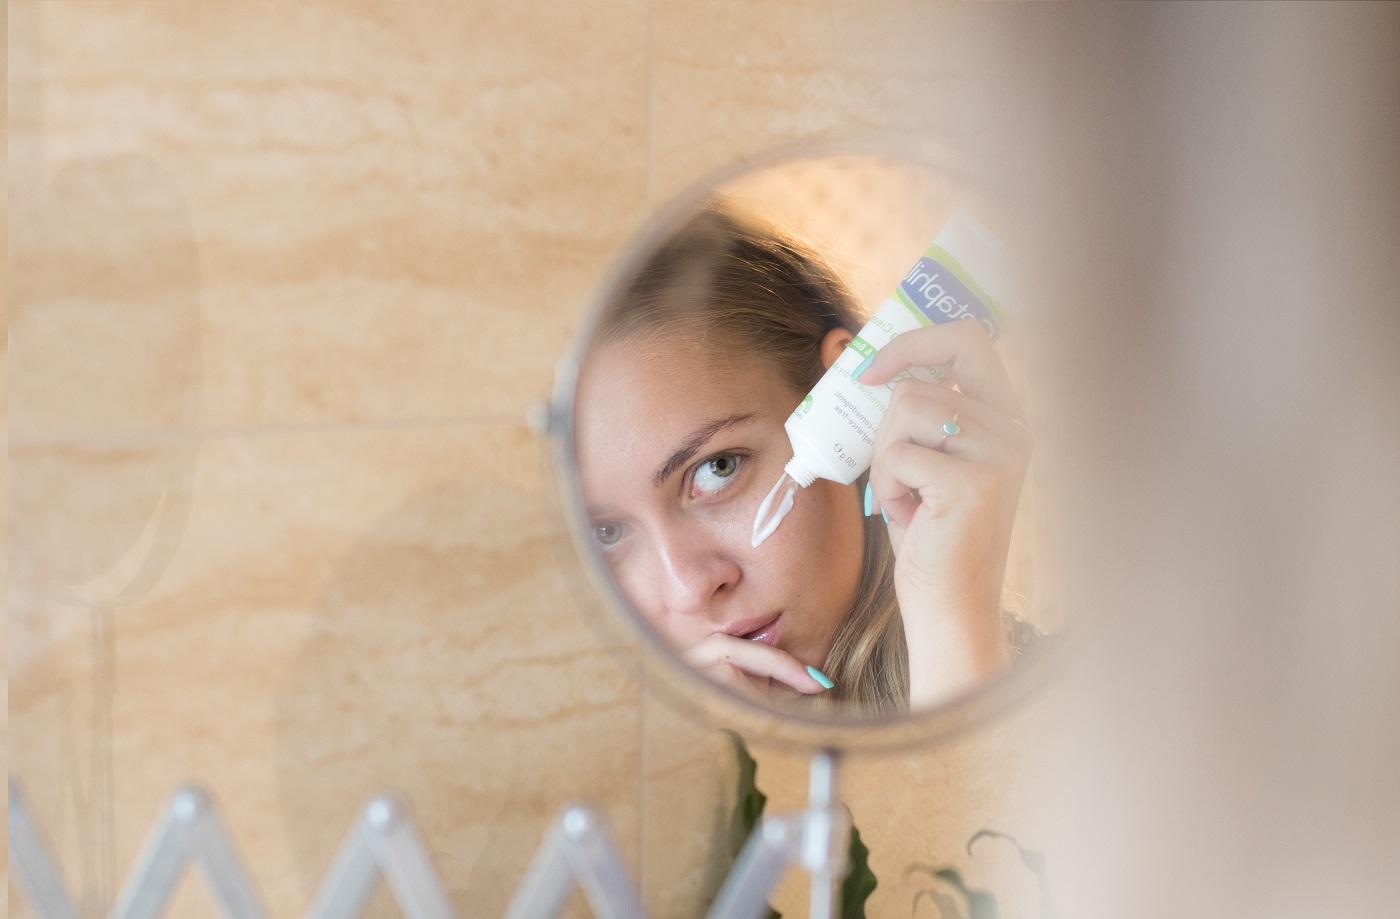 pikkelysömör okoz otthoni kezelst